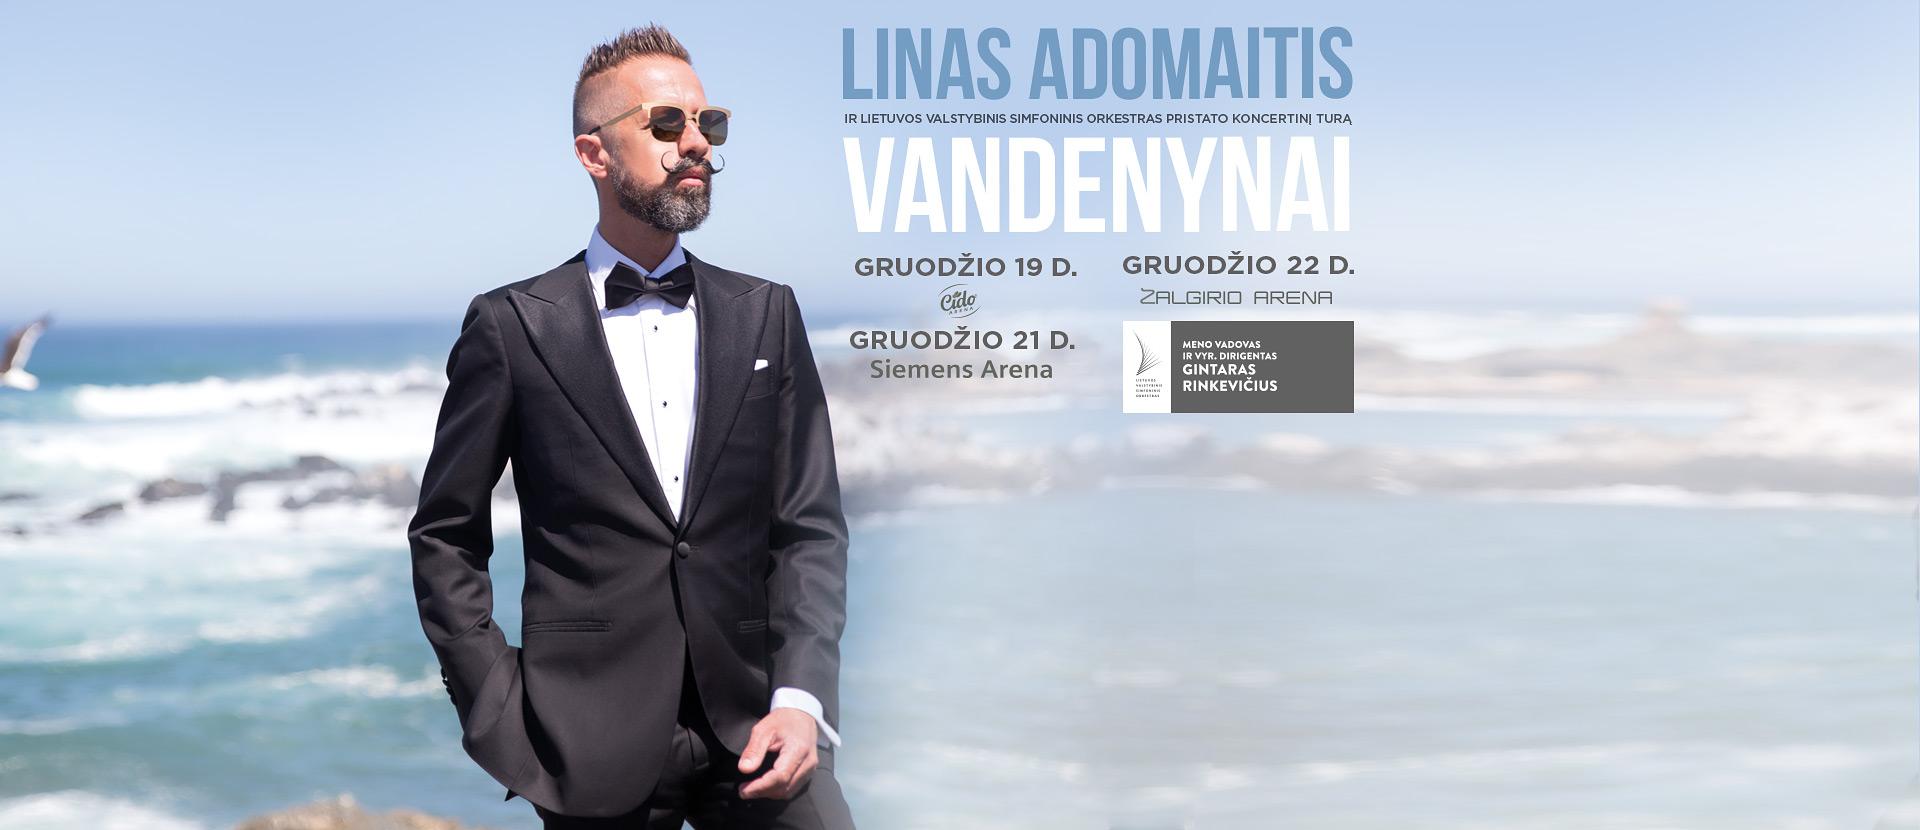 """Linas Adomaitis ir LVSO. Koncertinis turas """"Vandenynai"""""""